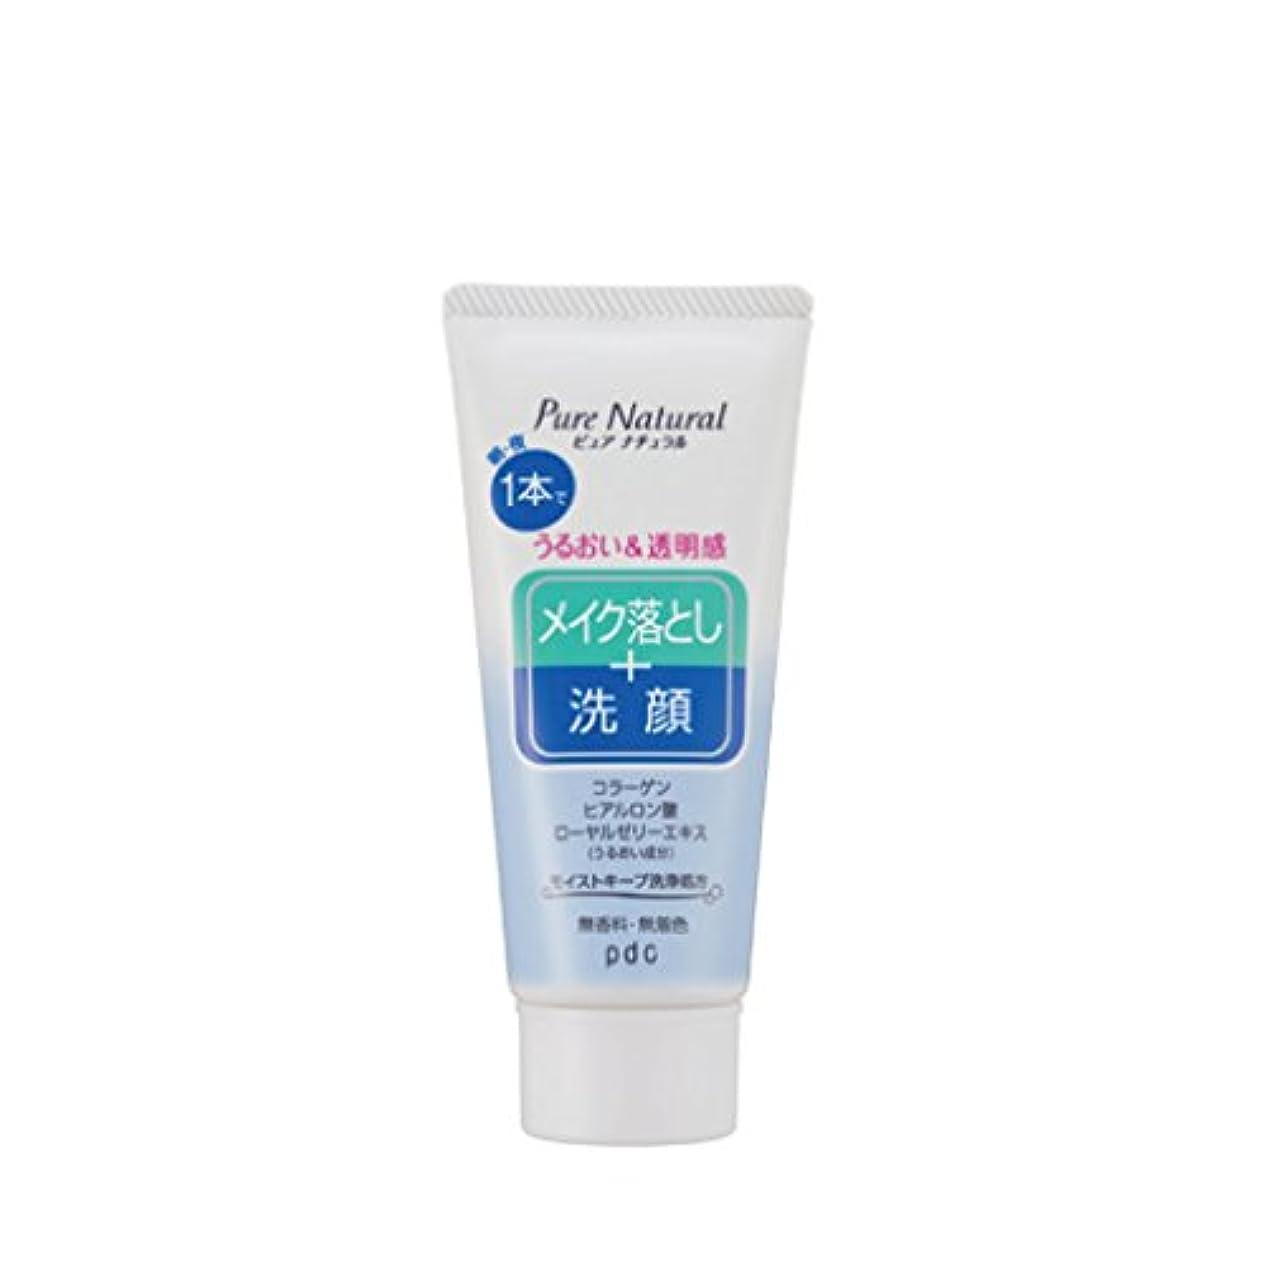 マイナーわかりやすい周術期Pure NATURAL(ピュアナチュラル) クレンジング洗顔 (ミニサイズ) 70g